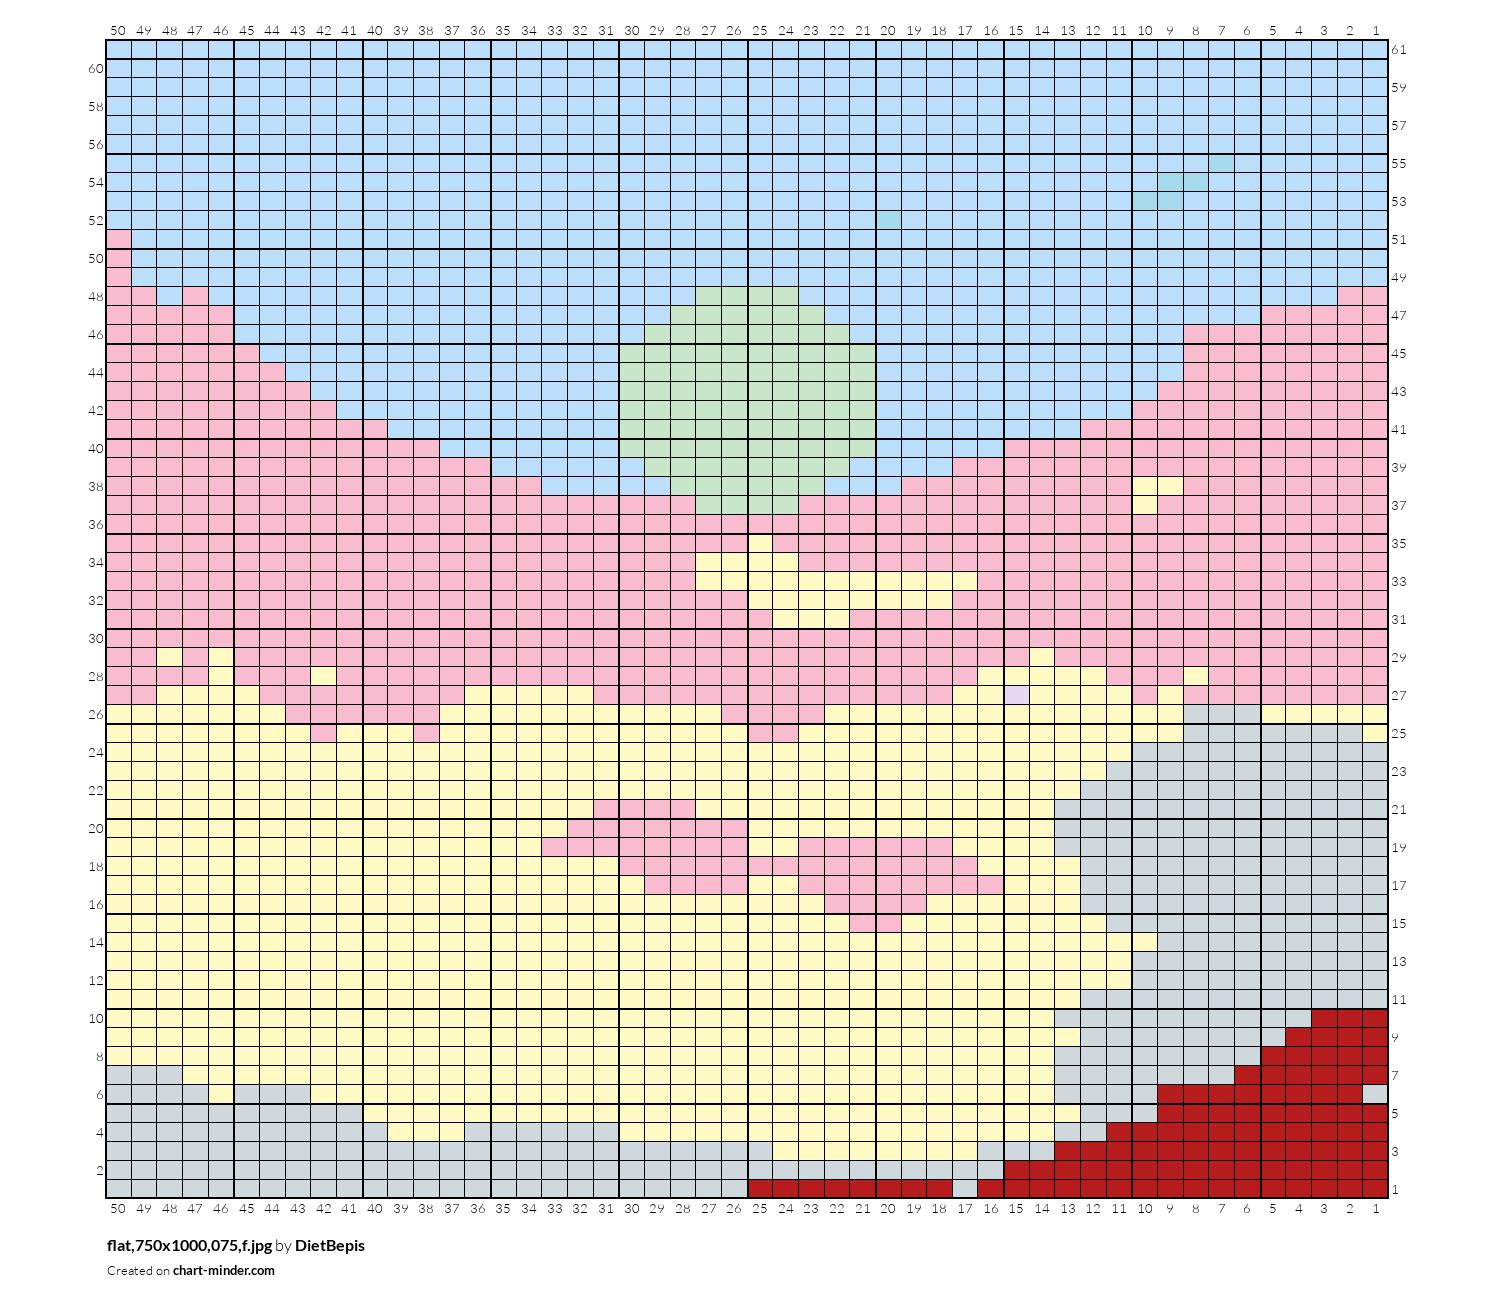 flat,750x1000,075,f.jpg